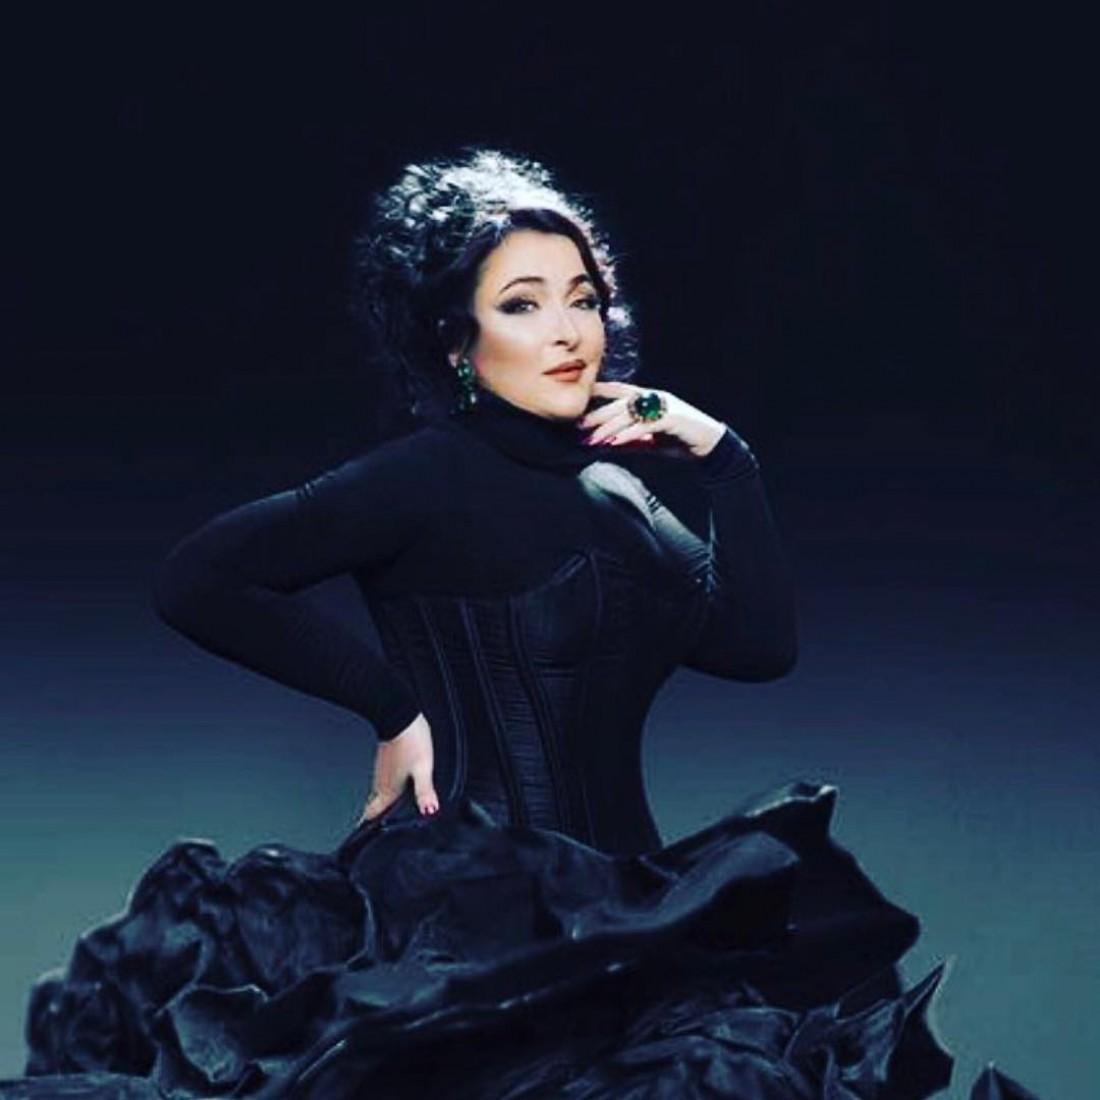 Пограничники непустили вУкраину певицу Лолиту